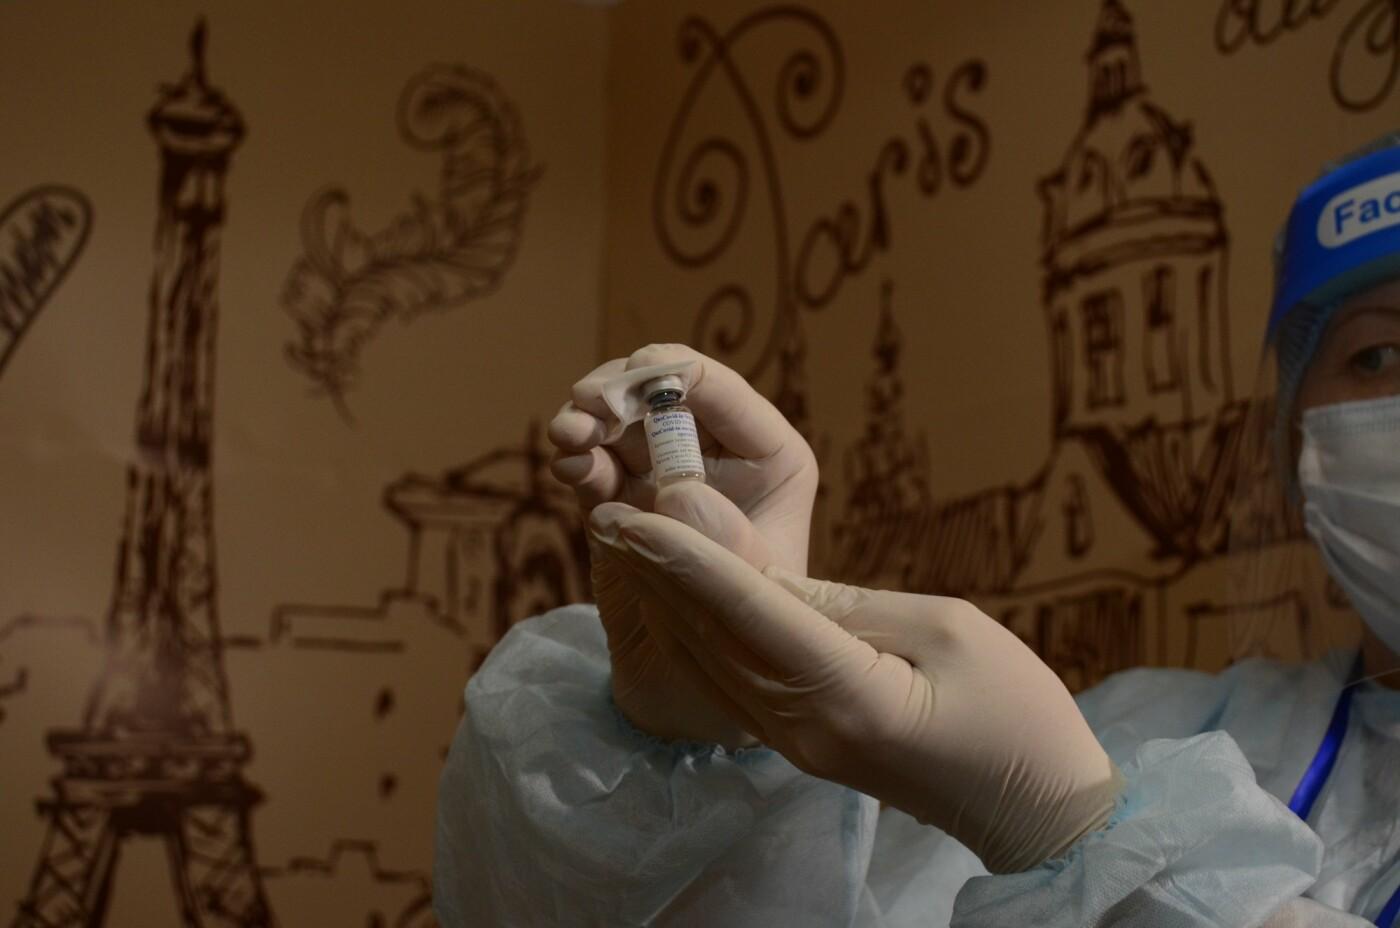 Как в ТРЦ Алматы проходит массовая вакцинация казахстанской вакциной QazVac, фото-12